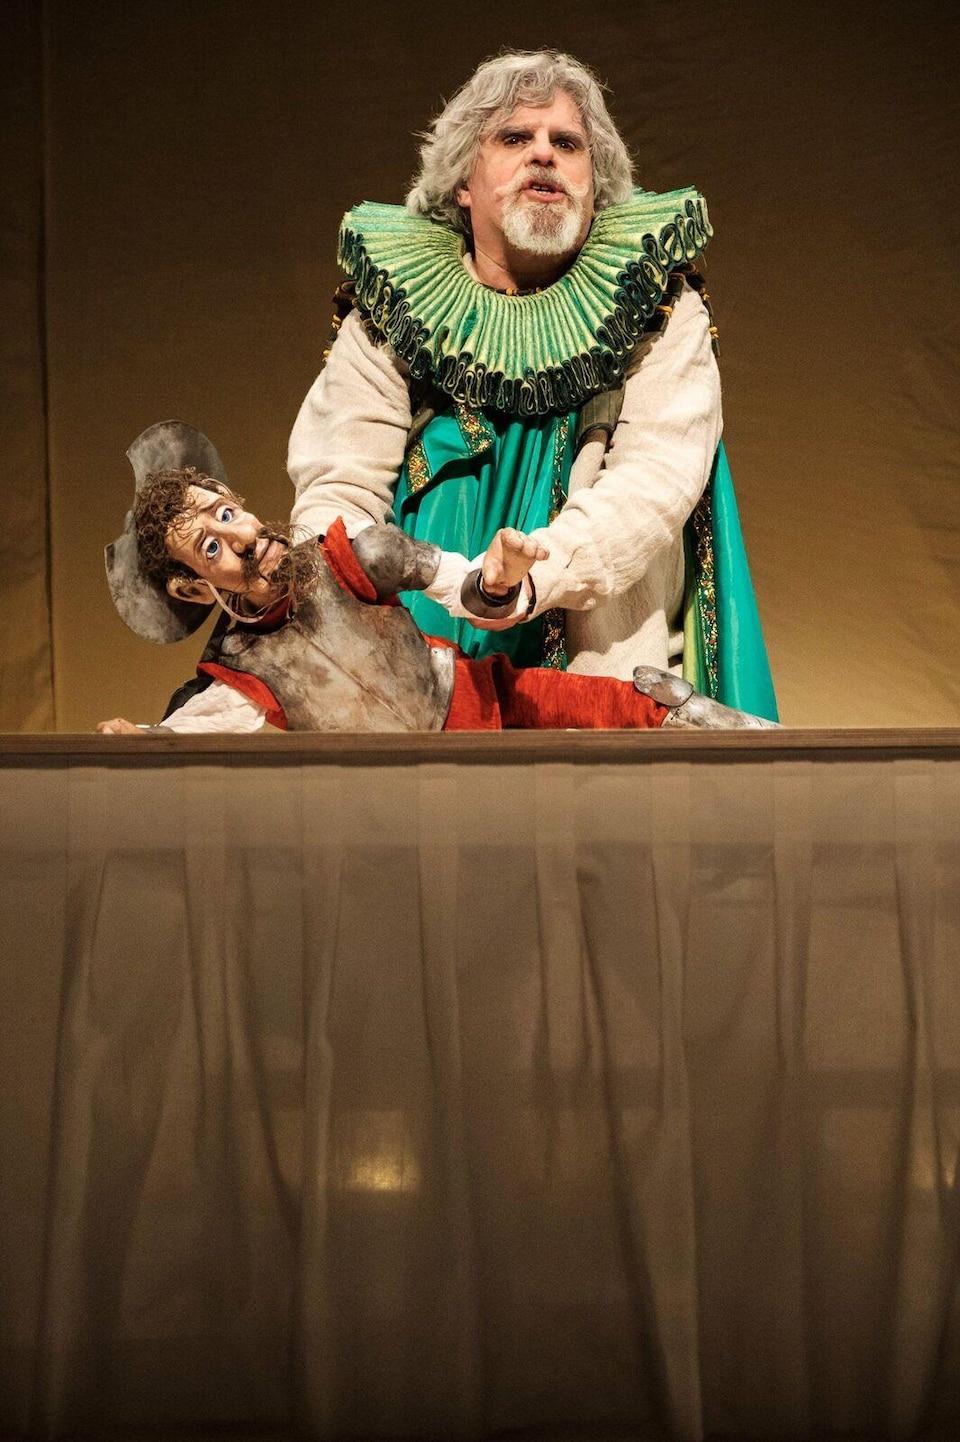 Pierre Robitaille, Les véritables aventures de Don Quichotte de la Mancha, 2016 L'acteur déguisé en Don Quichotte manipule une marionnette représentant Don Quichotte.